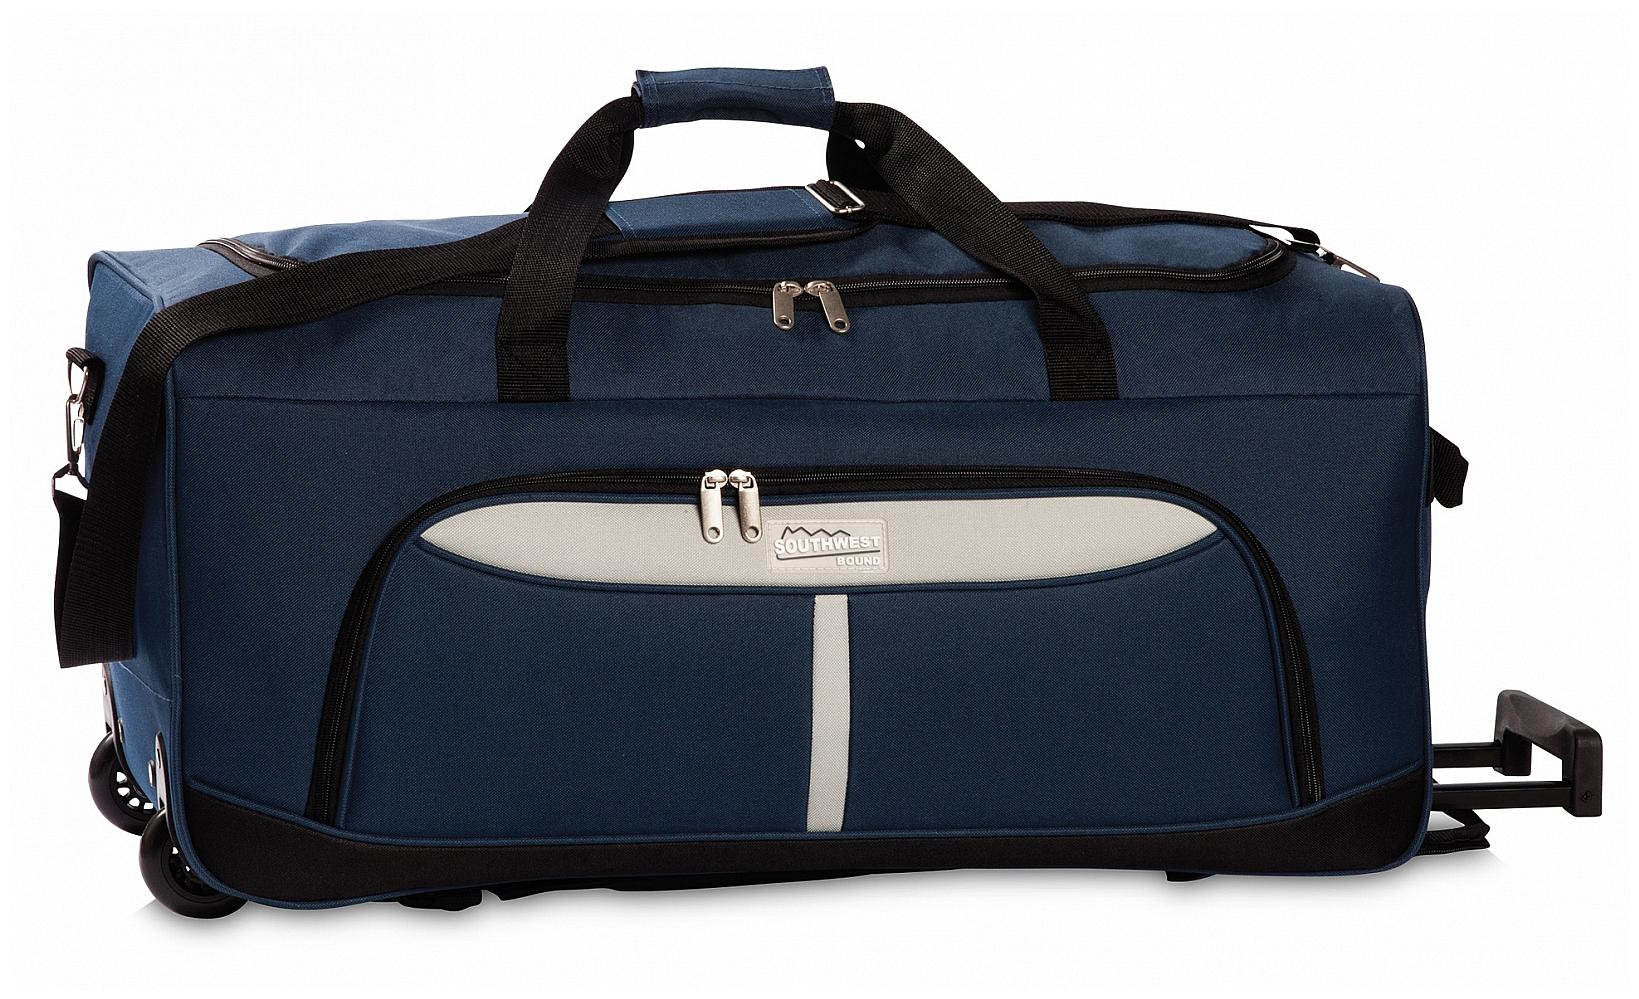 Southwest Cestovní taška na kolečkách 30288-0628 tmavě modrá /šedá